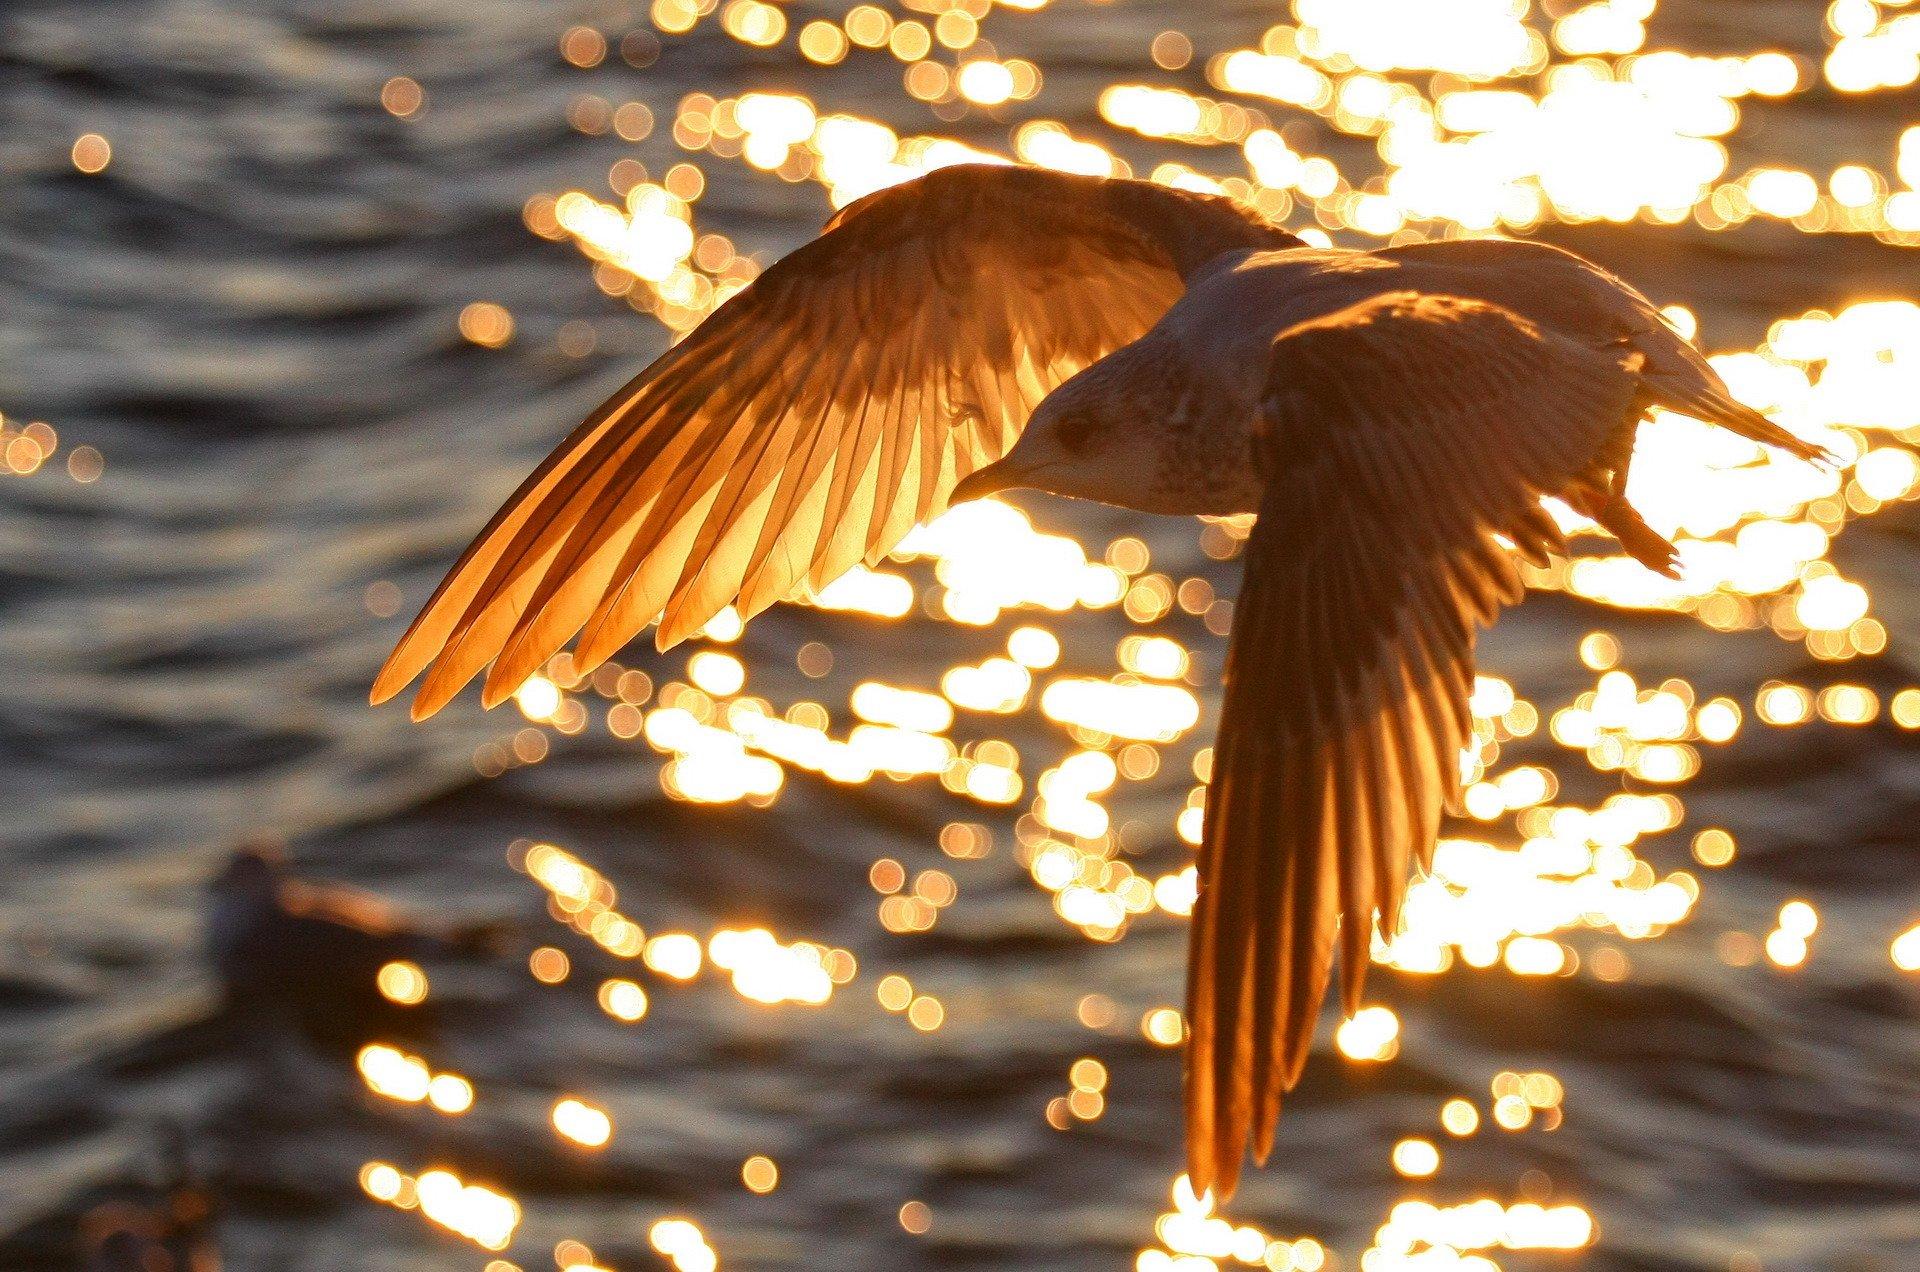 Птицы зимующие в ярославле картинки с названиями них есть